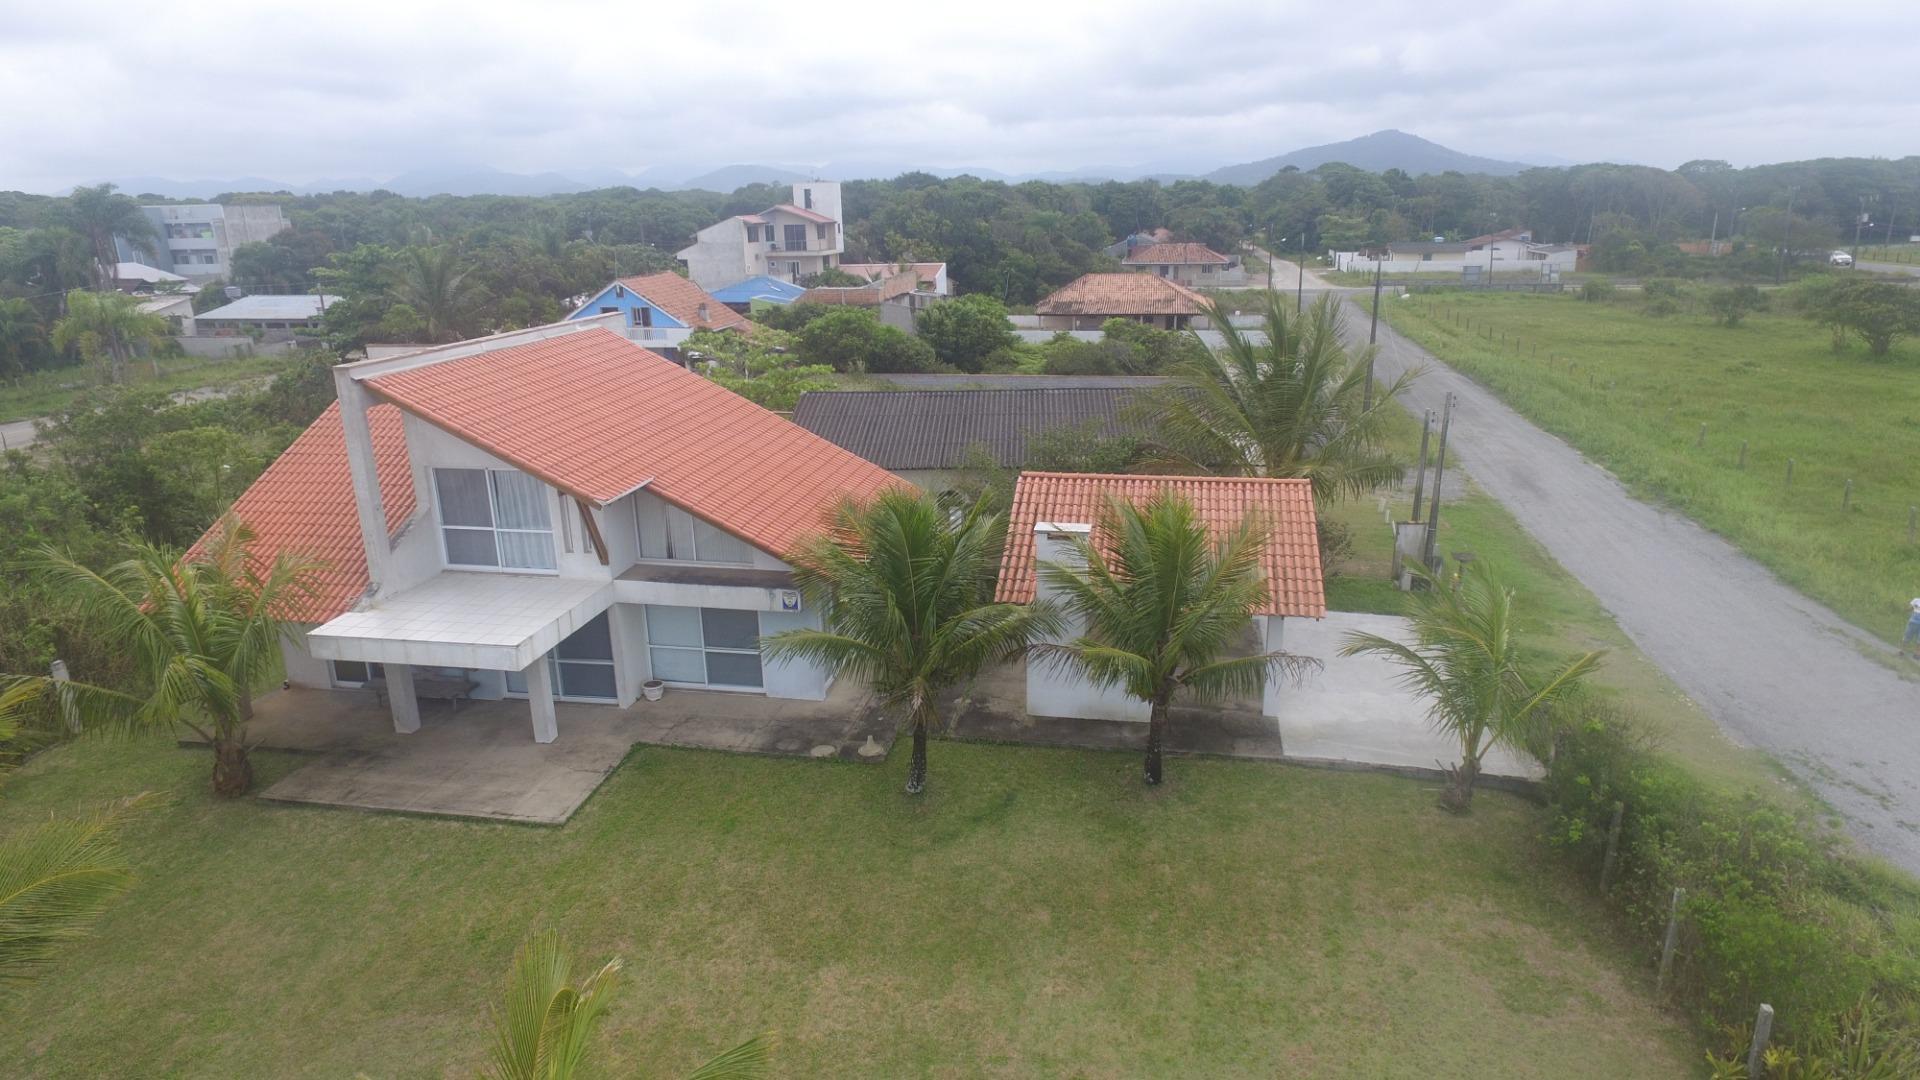 Sobrado com 4 dormitórios à venda, 160 m² por R$ 550.000 - Itamar - Itapoá/SC